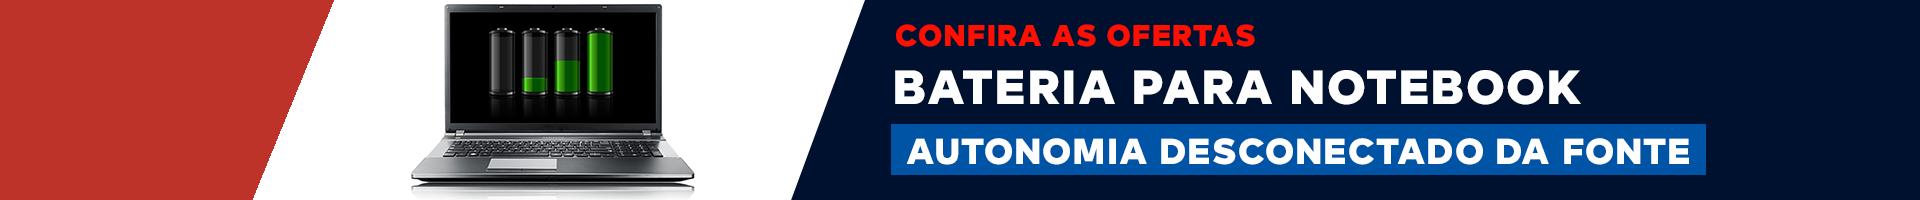 catalogo-baterias-para-notebook